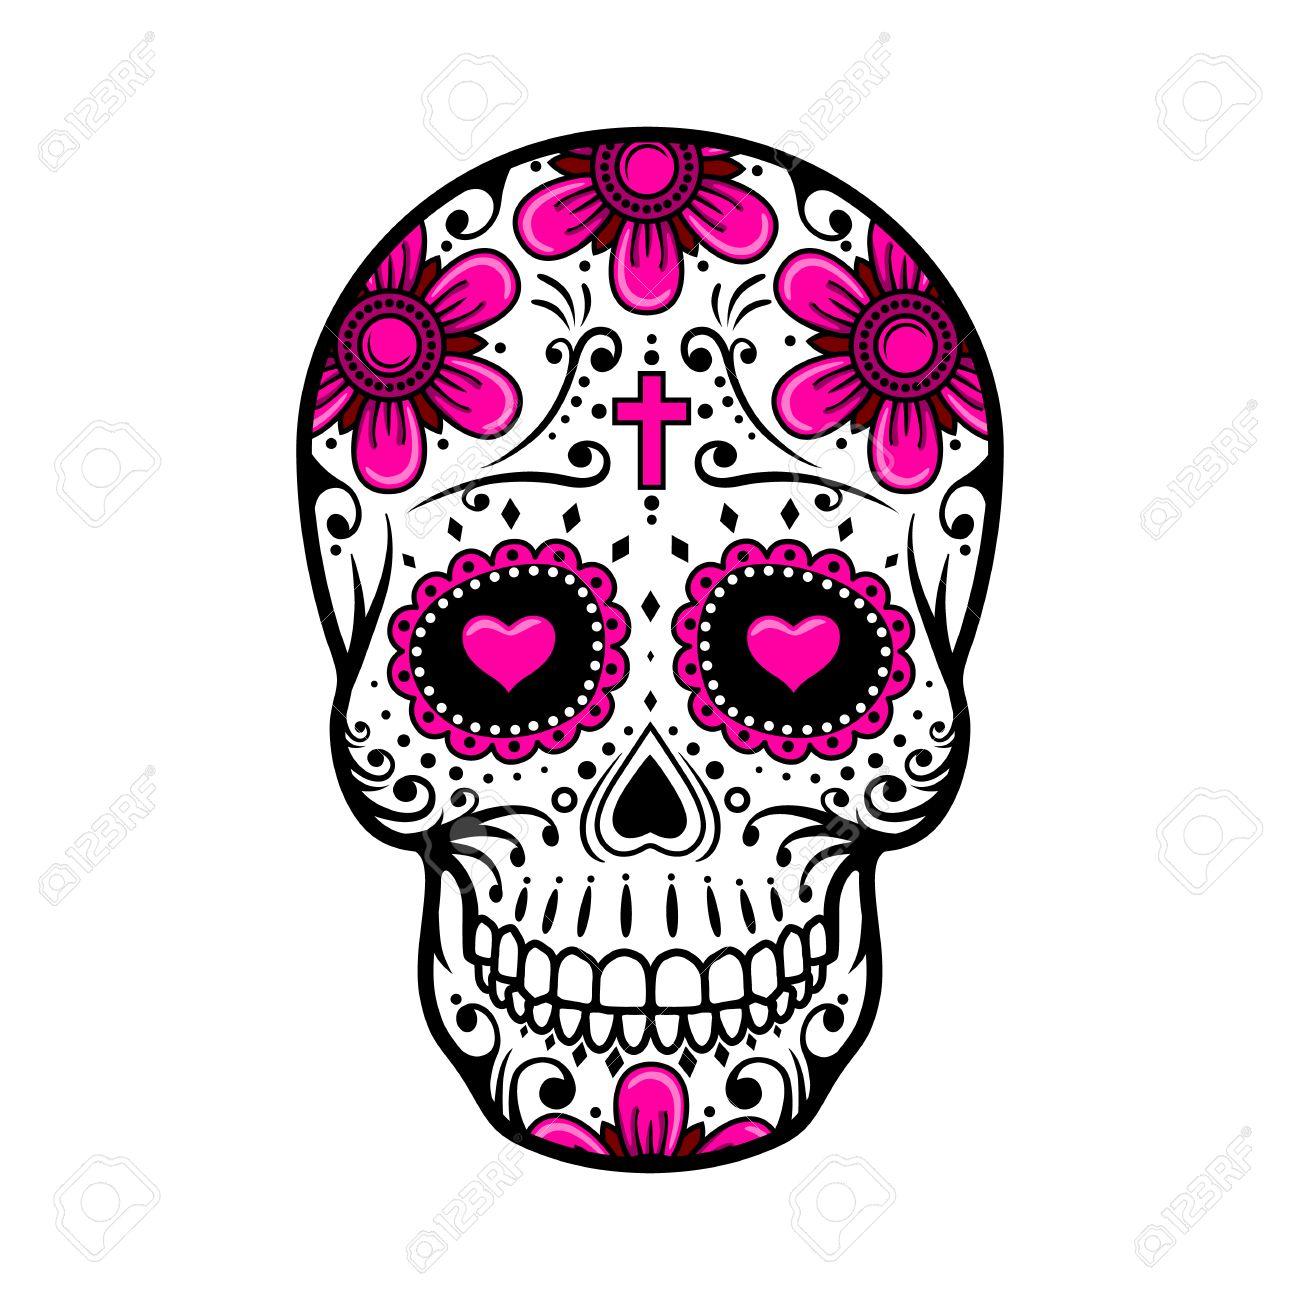 Tag Des Toten Schädel. Schädel Zucker Blume. Schädel Tattoo. Vektor ...